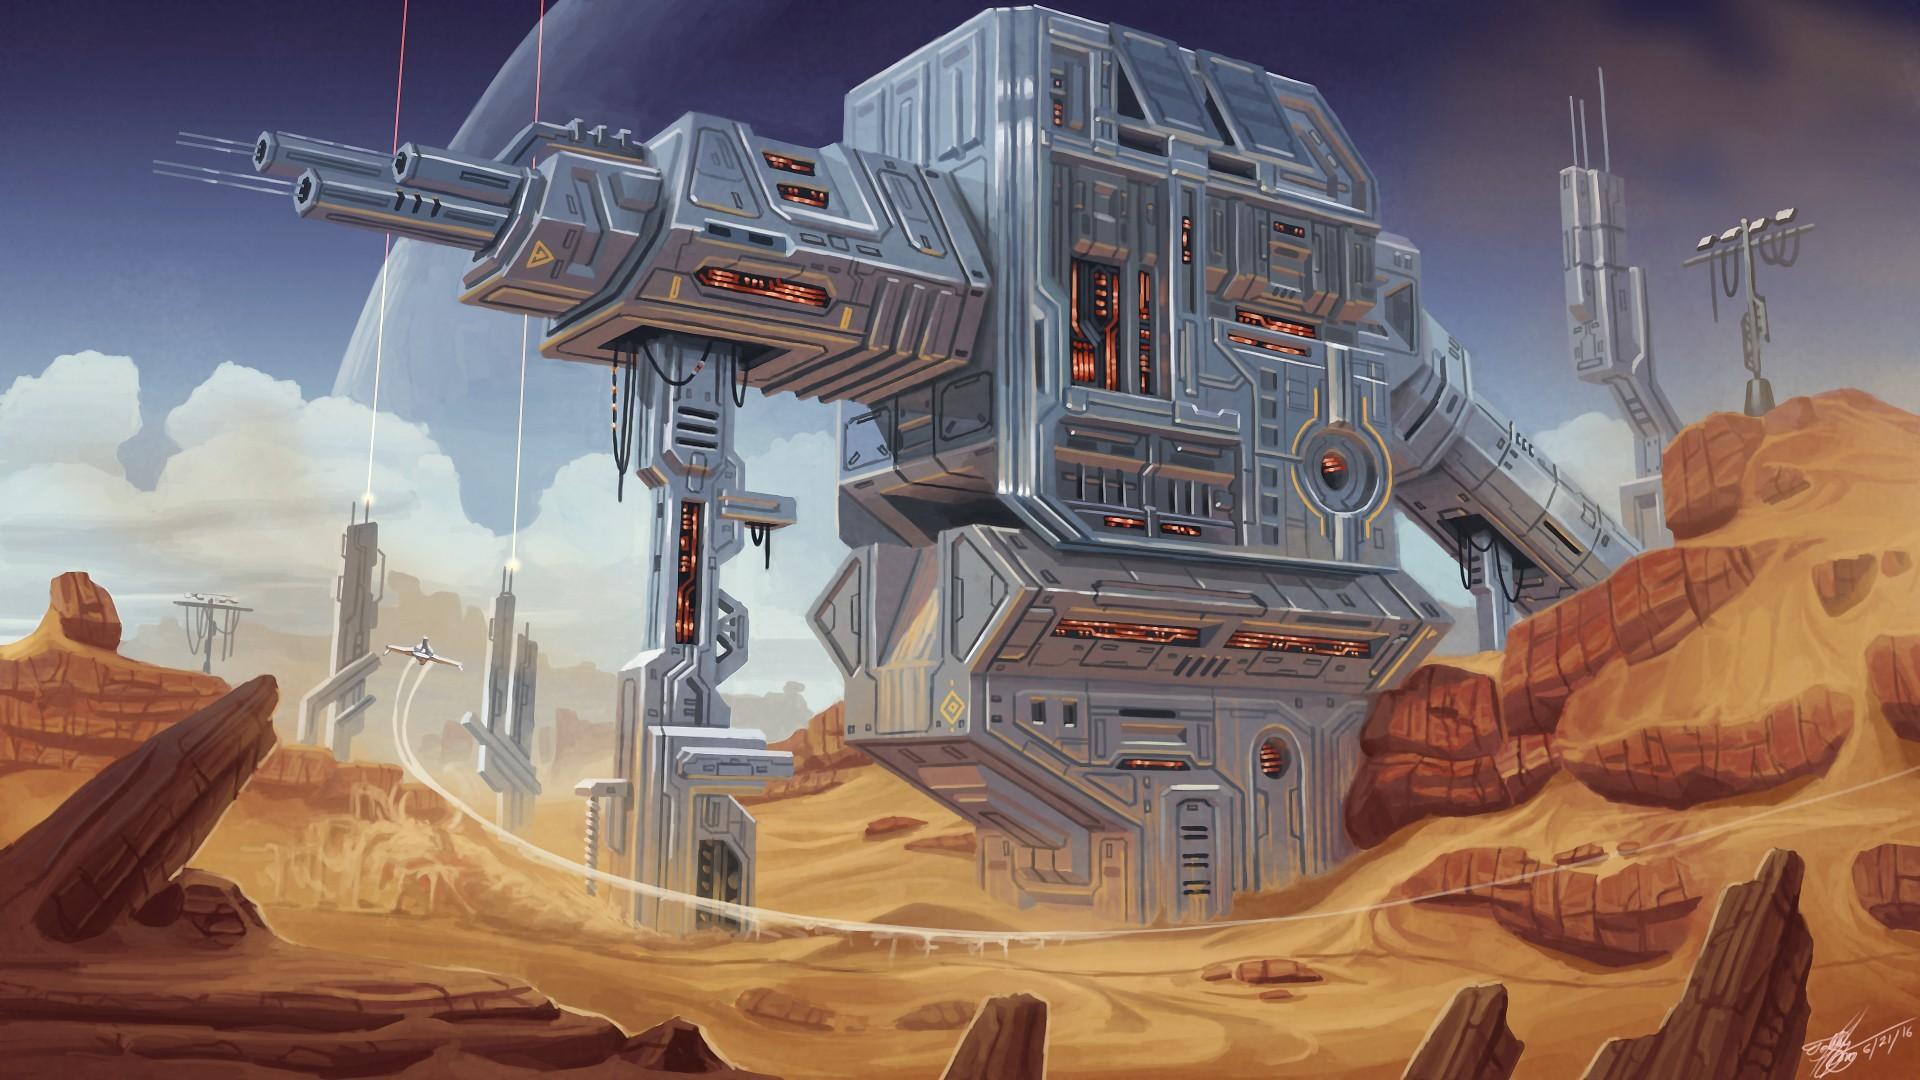 Retro sci-fi concept